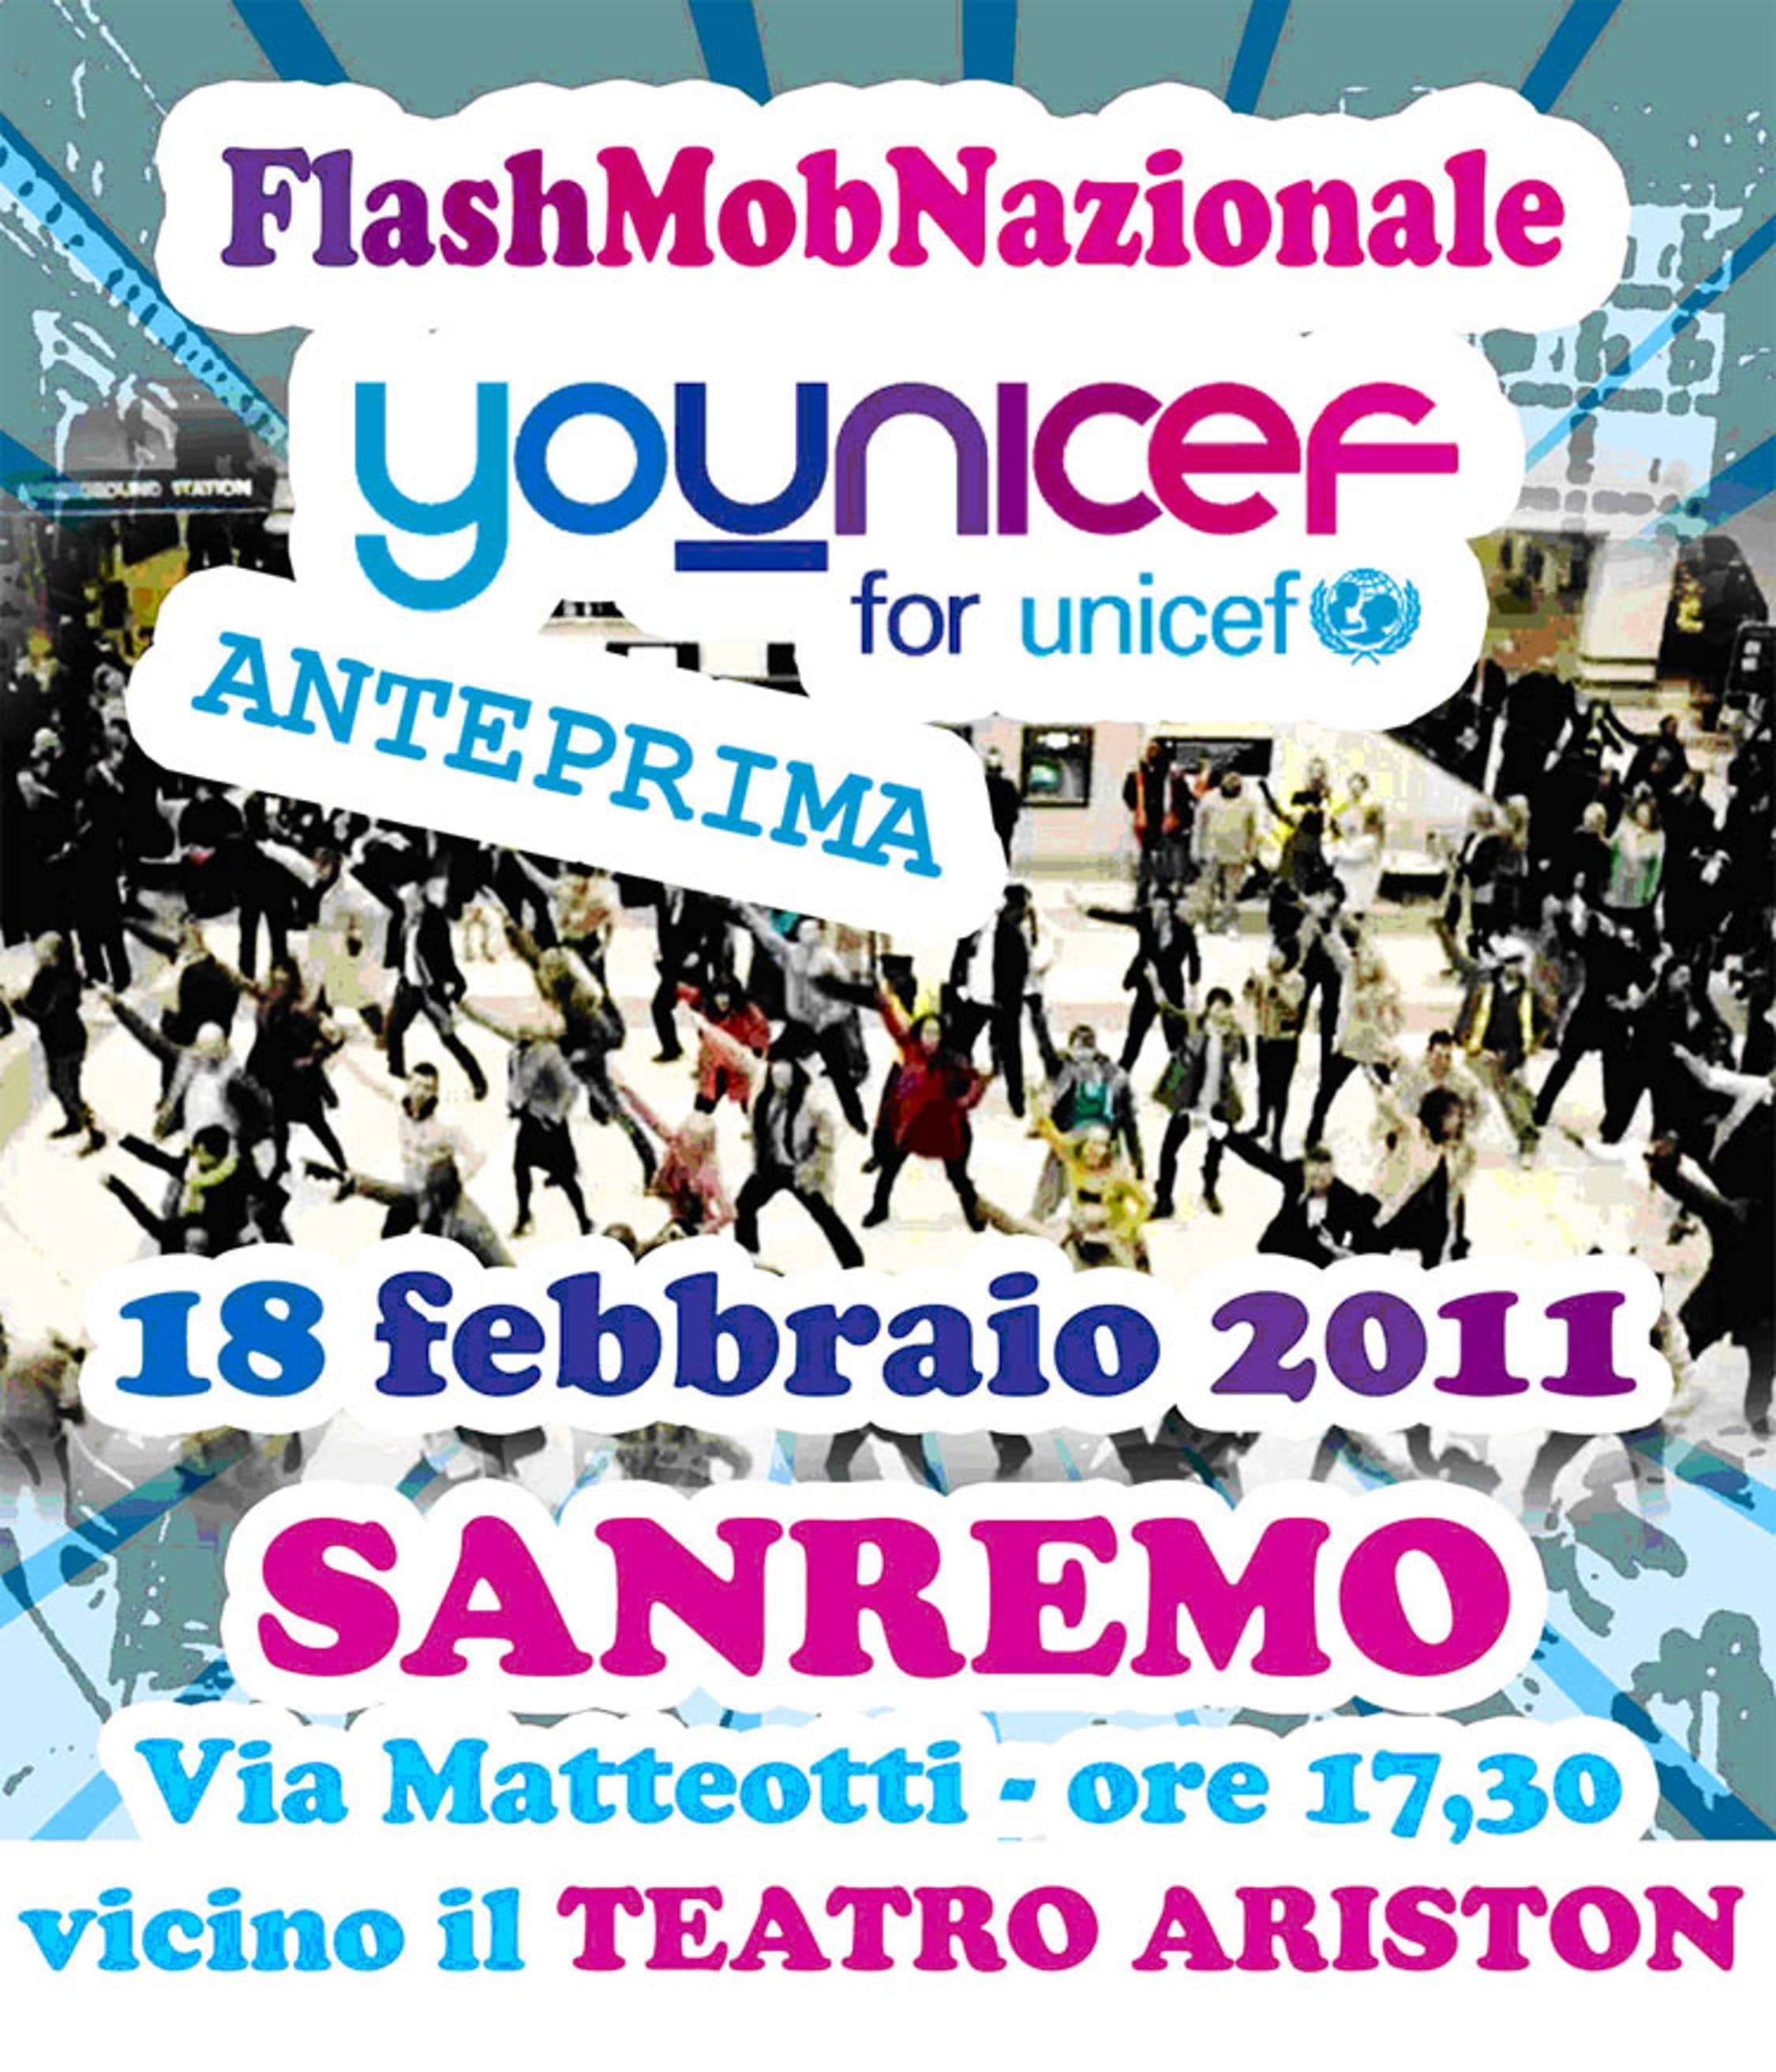 La locandina del Flash mob Younicef a Sanremo 2011